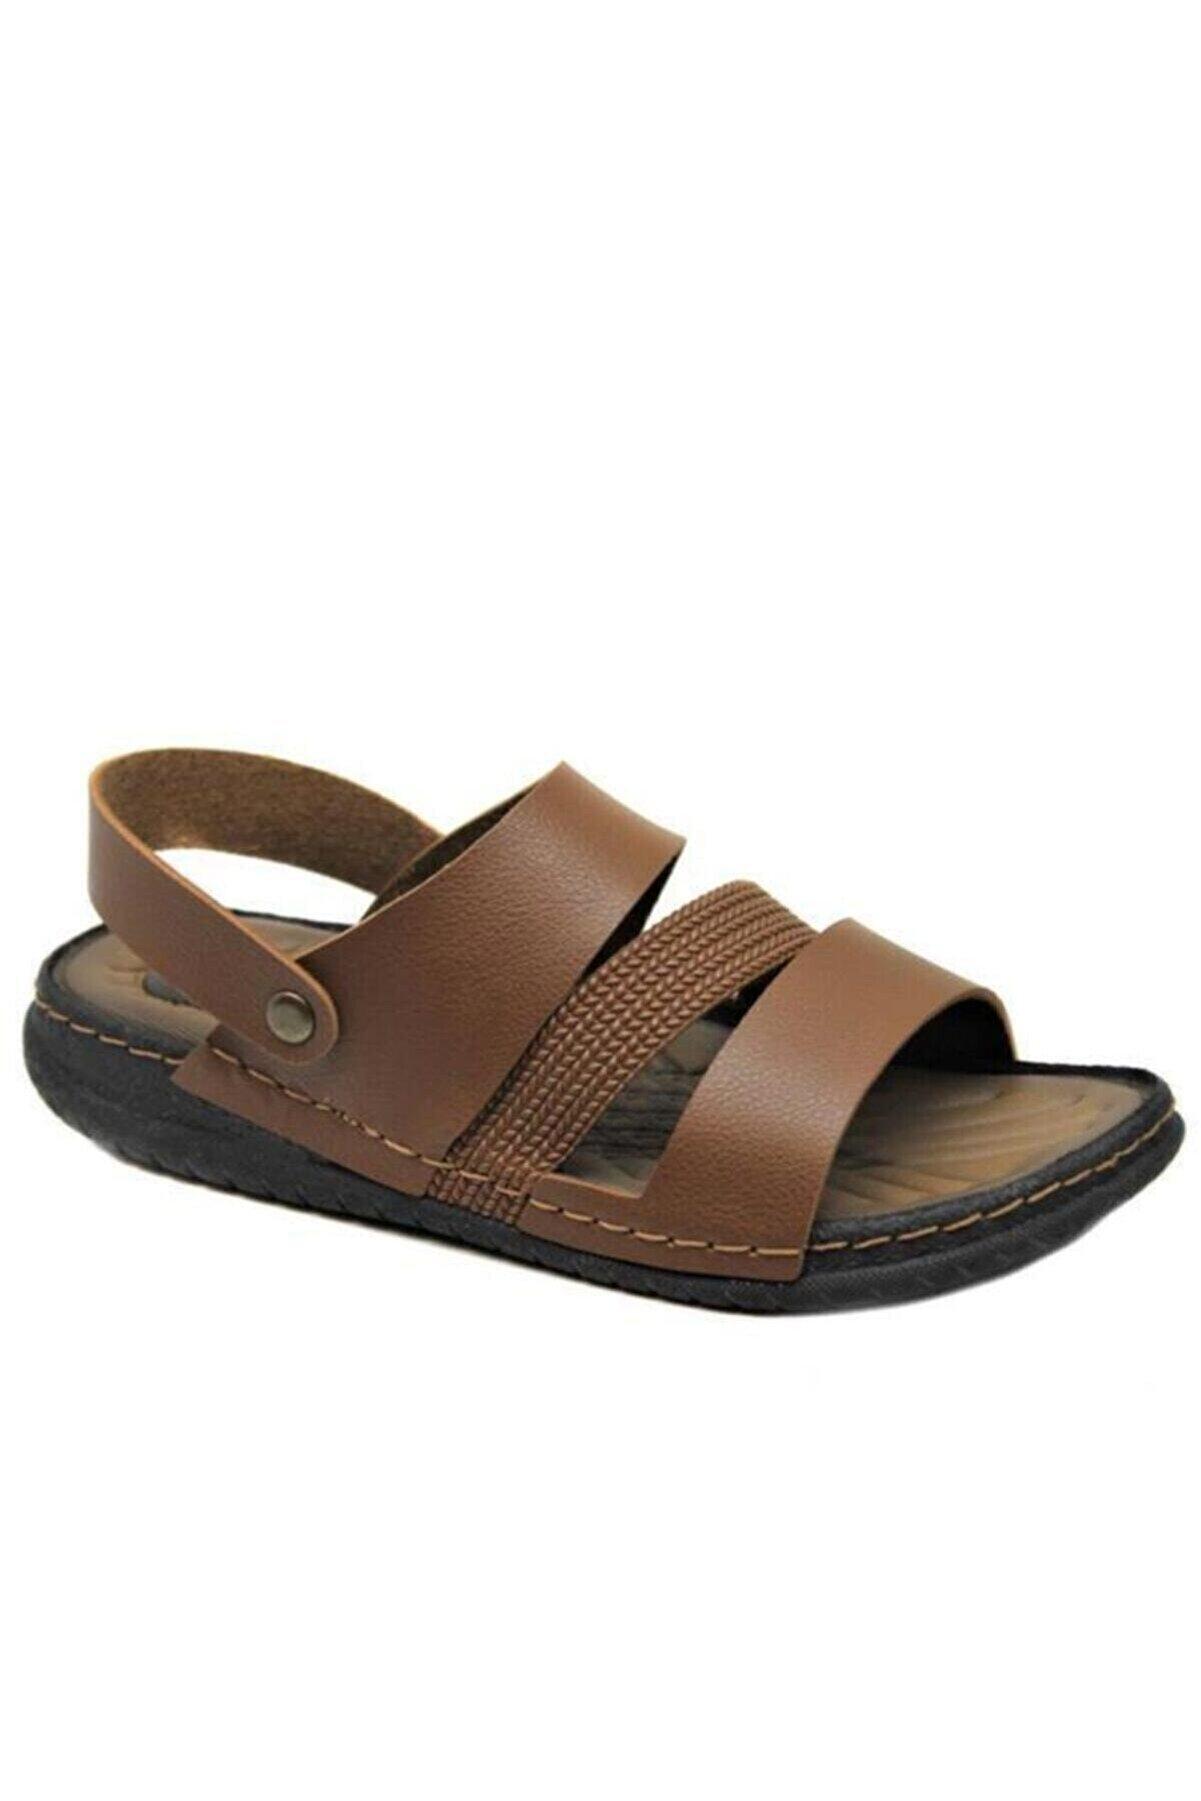 Gezer Erkek Tam Ortapedik Taba Renkli Günlük Bahçe Outdoor Sandalet Terlik- Altın Adım Ayakkabı